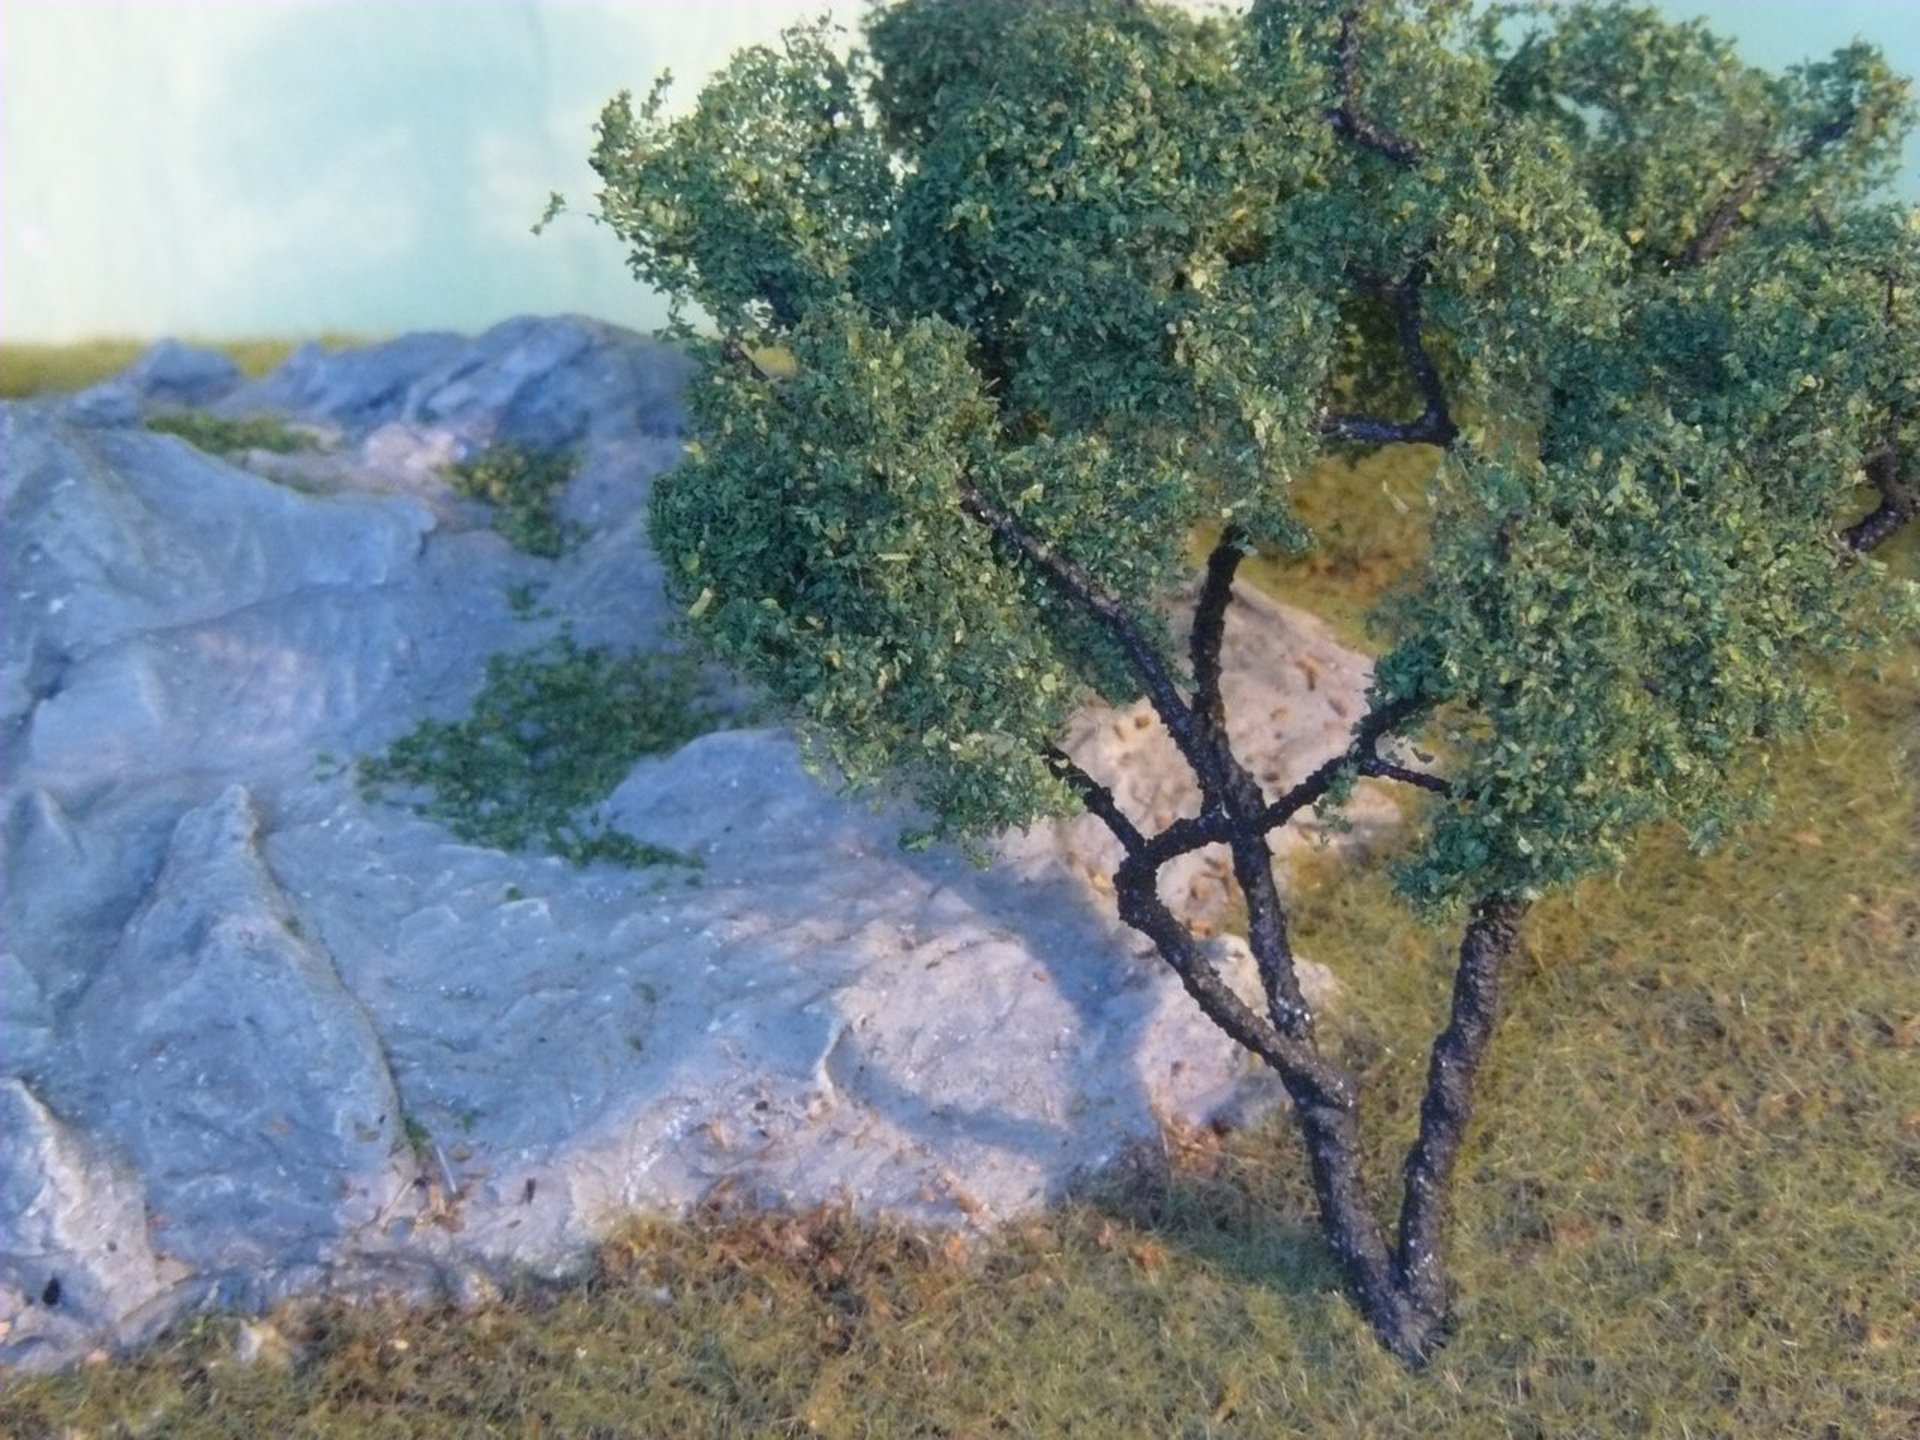 Fotodioráma, alebo miestečko na fotenie modelov vlakov post thumbnail image